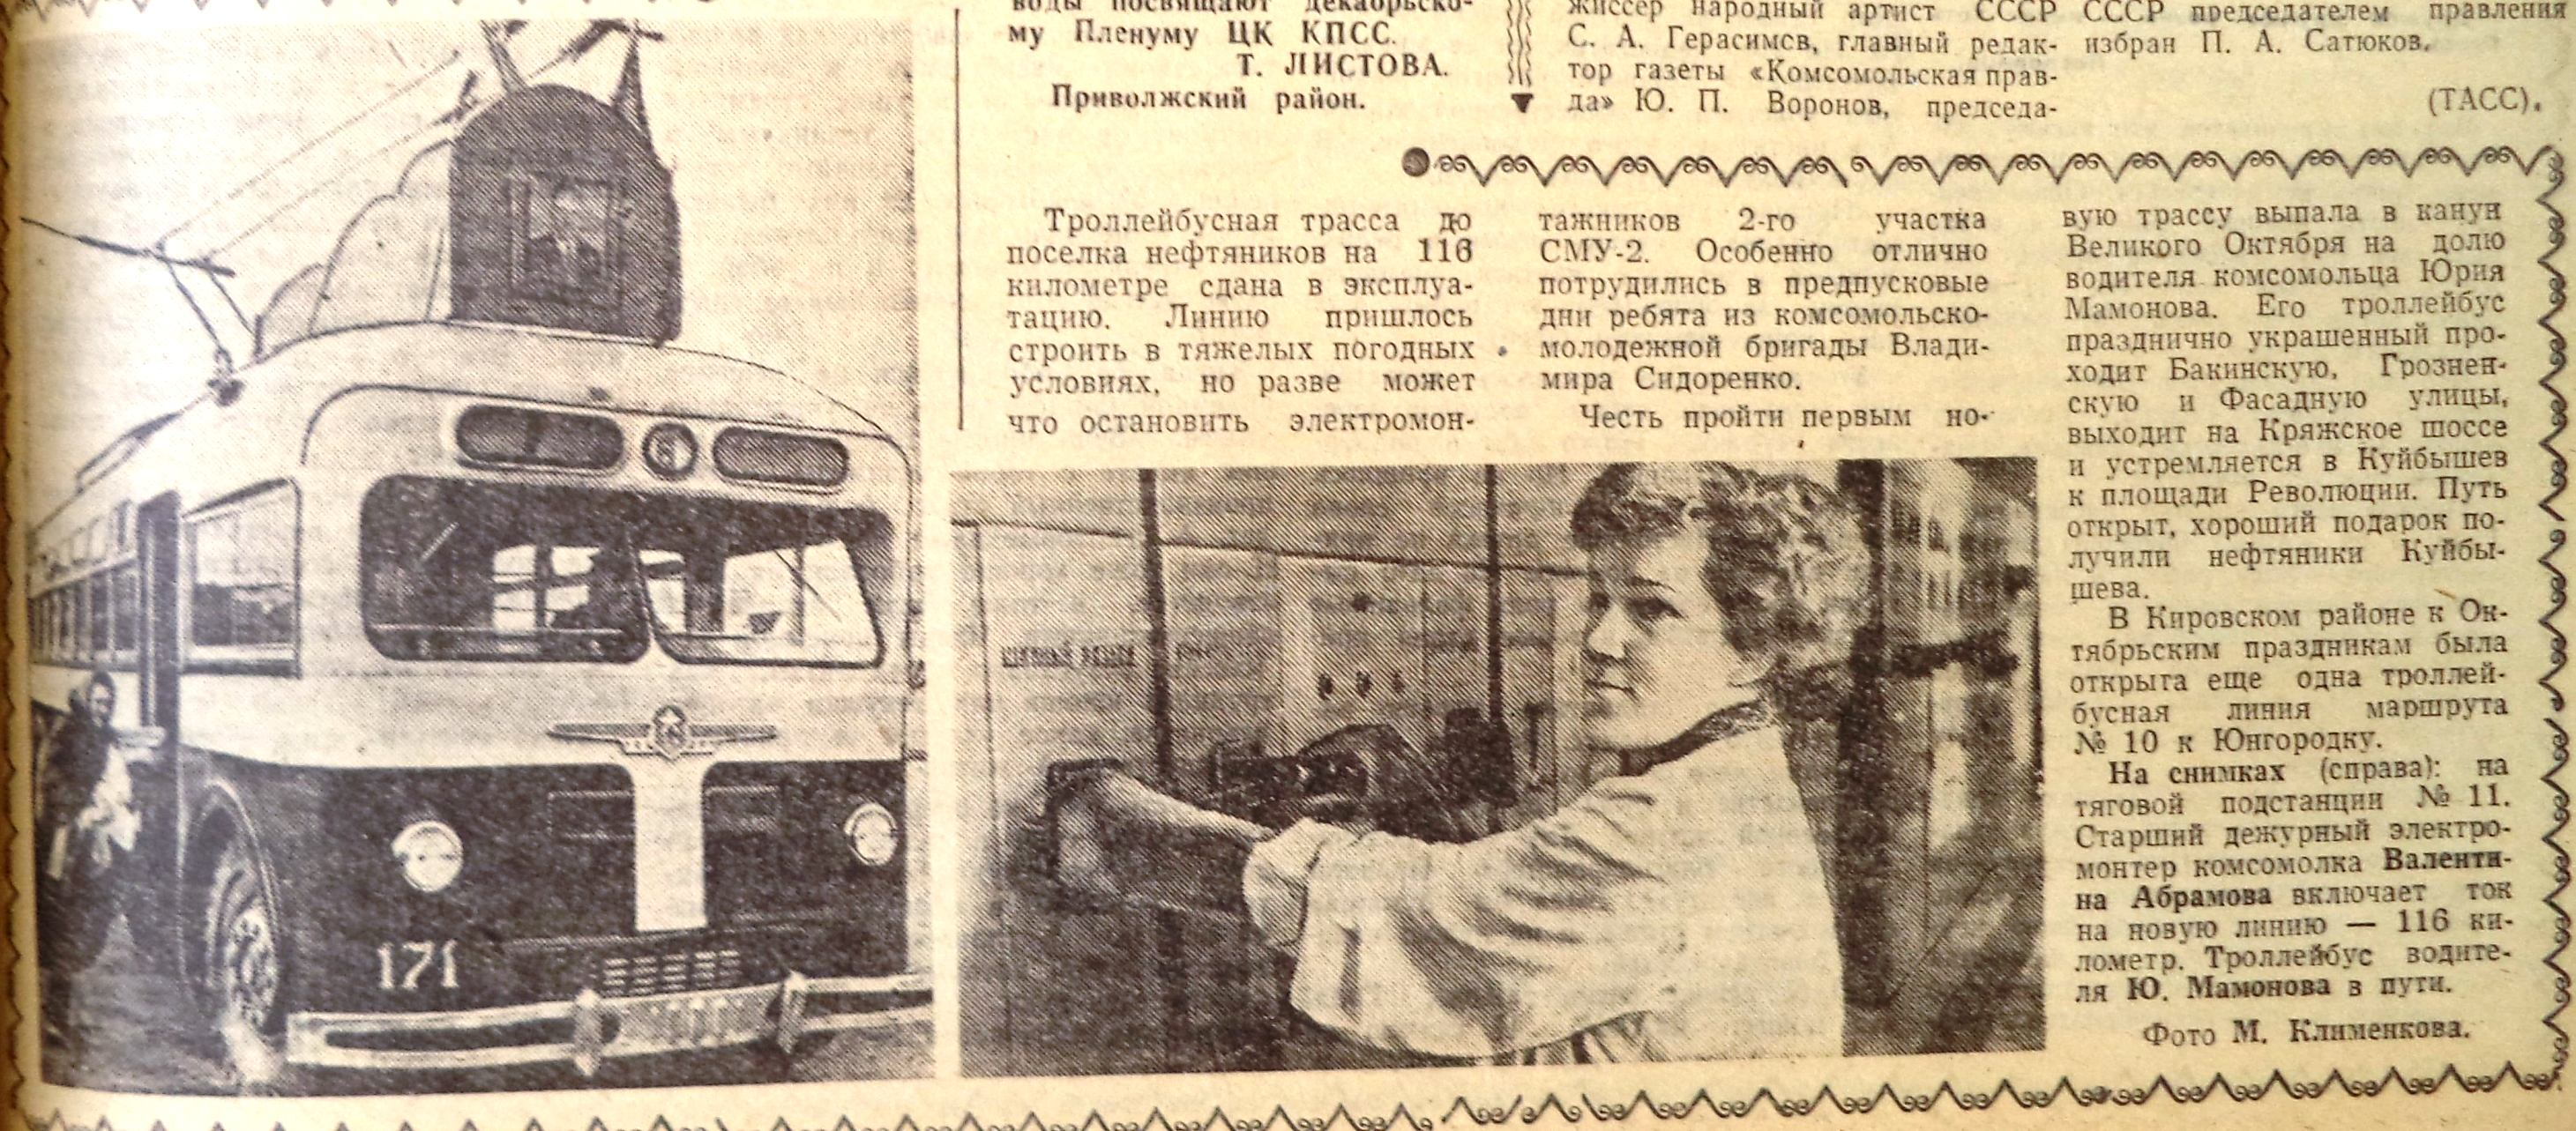 Фасадная-ФОТО-26-ВКц-1959-11-15-пуск трол. маршрута